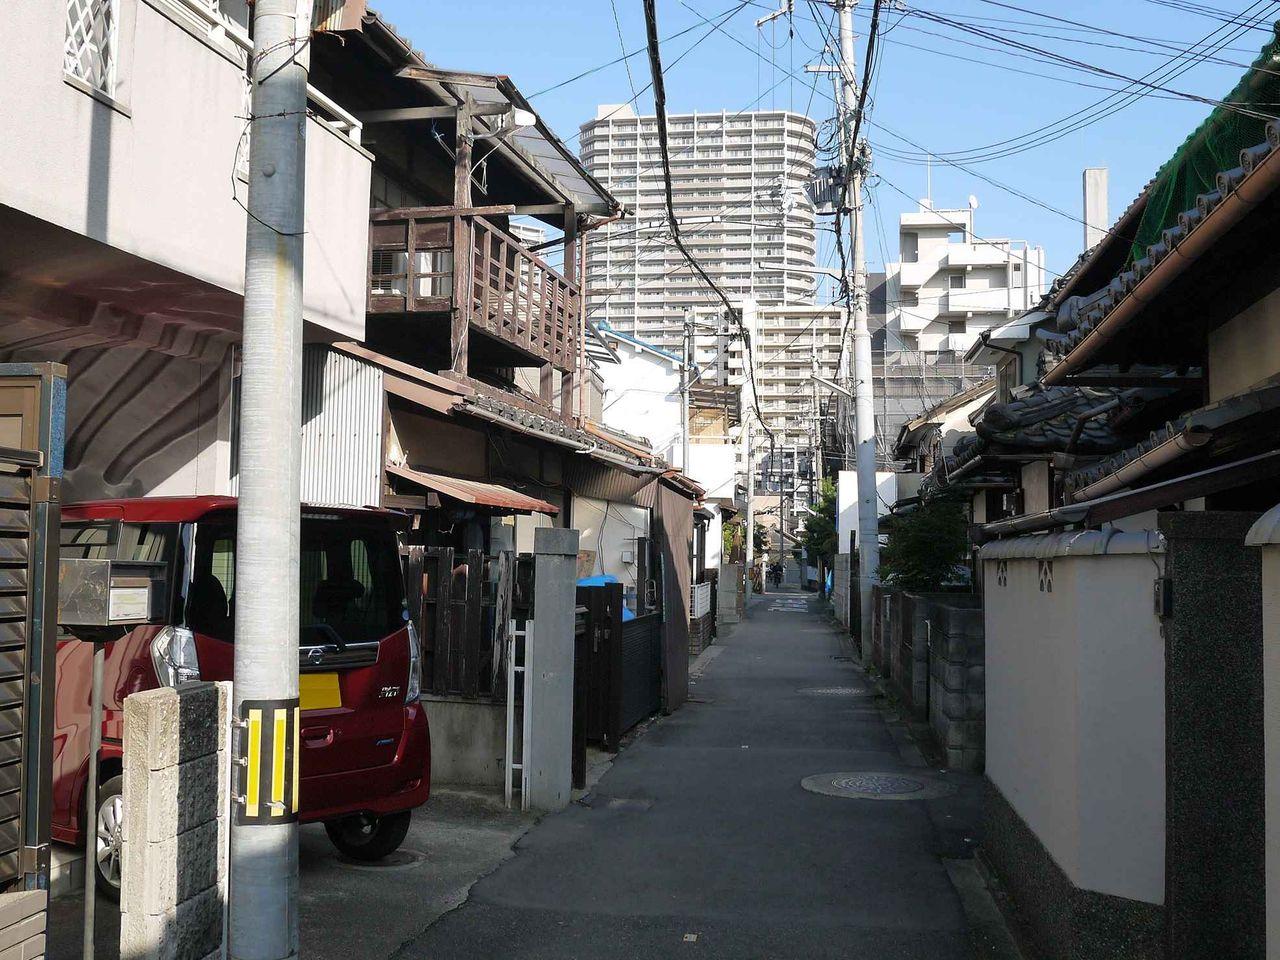 【芥川町3丁目】 nowa cafe(ノワカフェ)が11月上旬に開店するみたいコメント